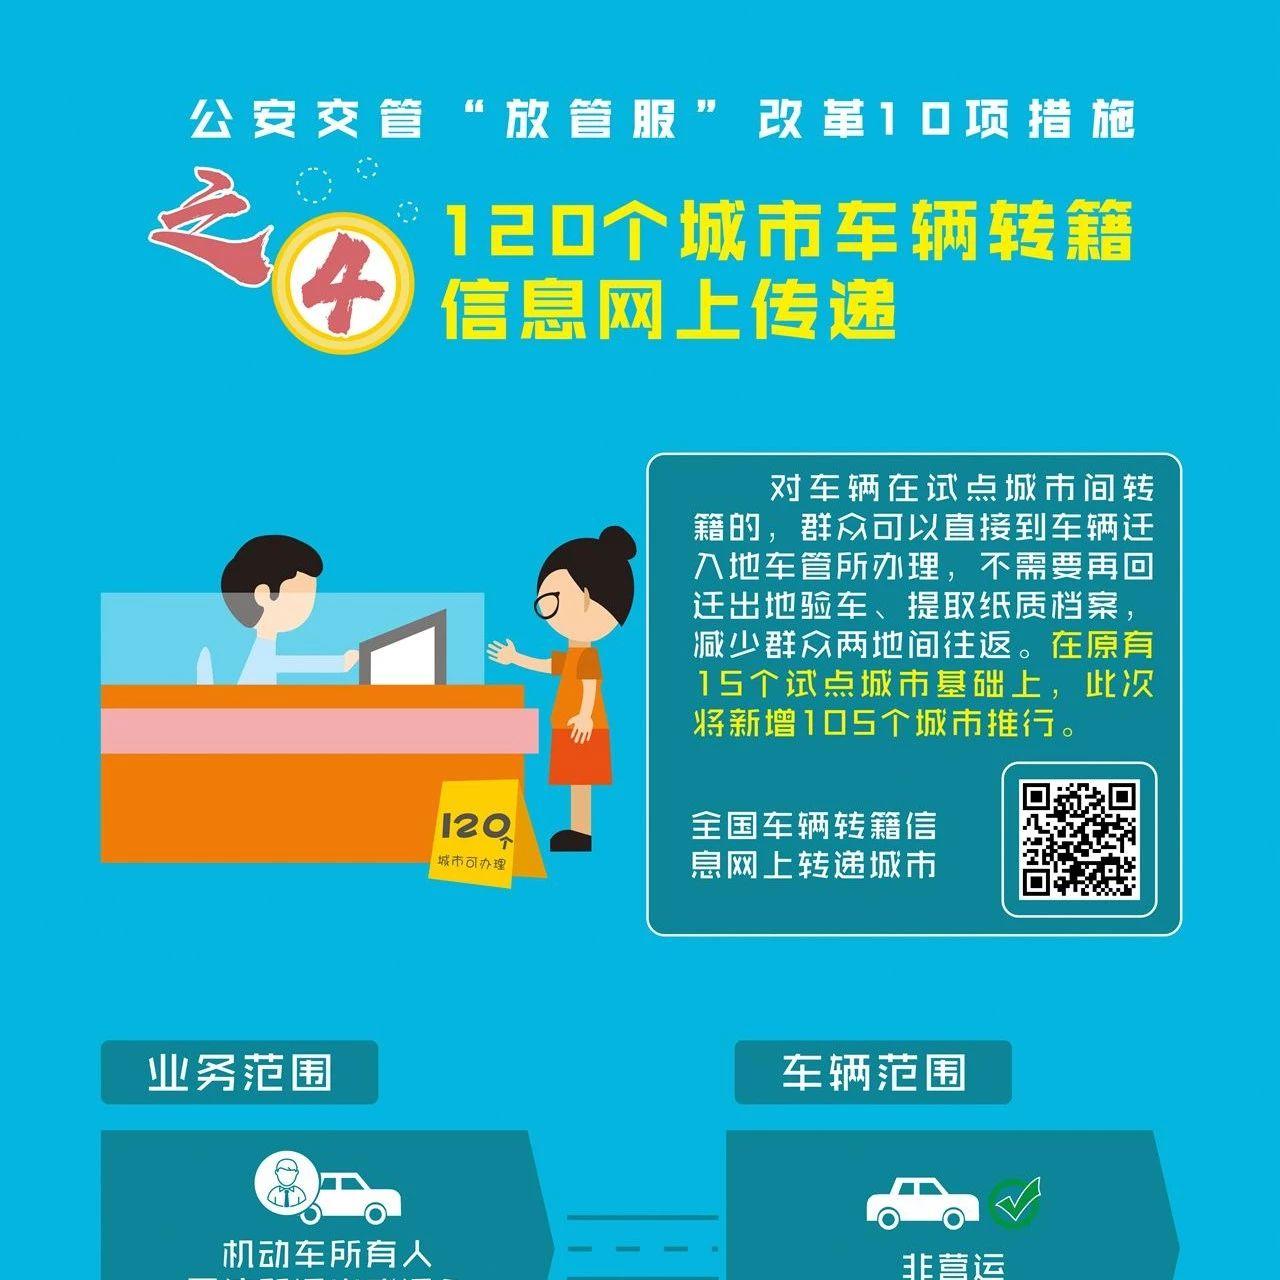 6月1日,120个城市将实现车辆转籍网上提档